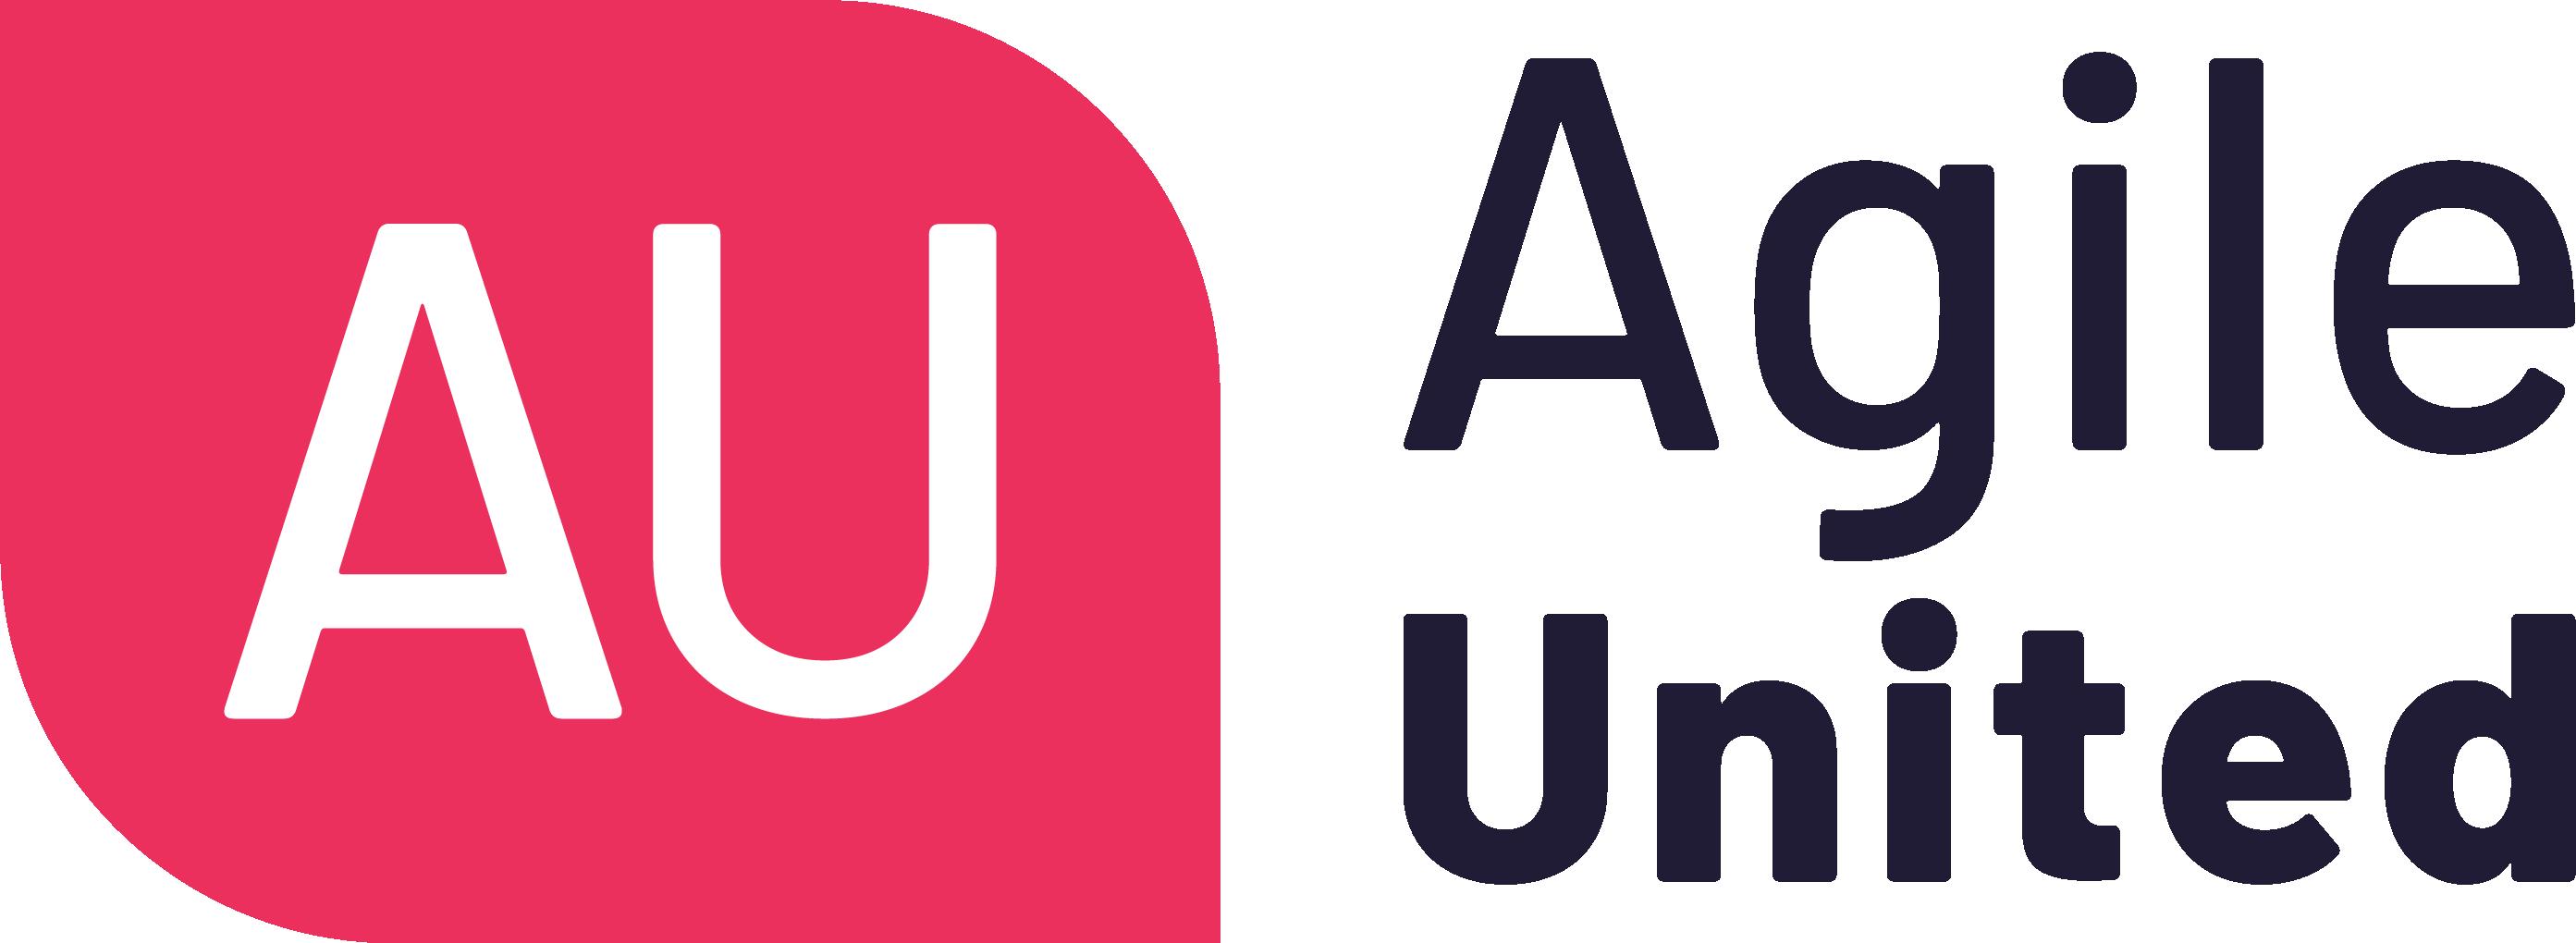 AU-CPAT-logo